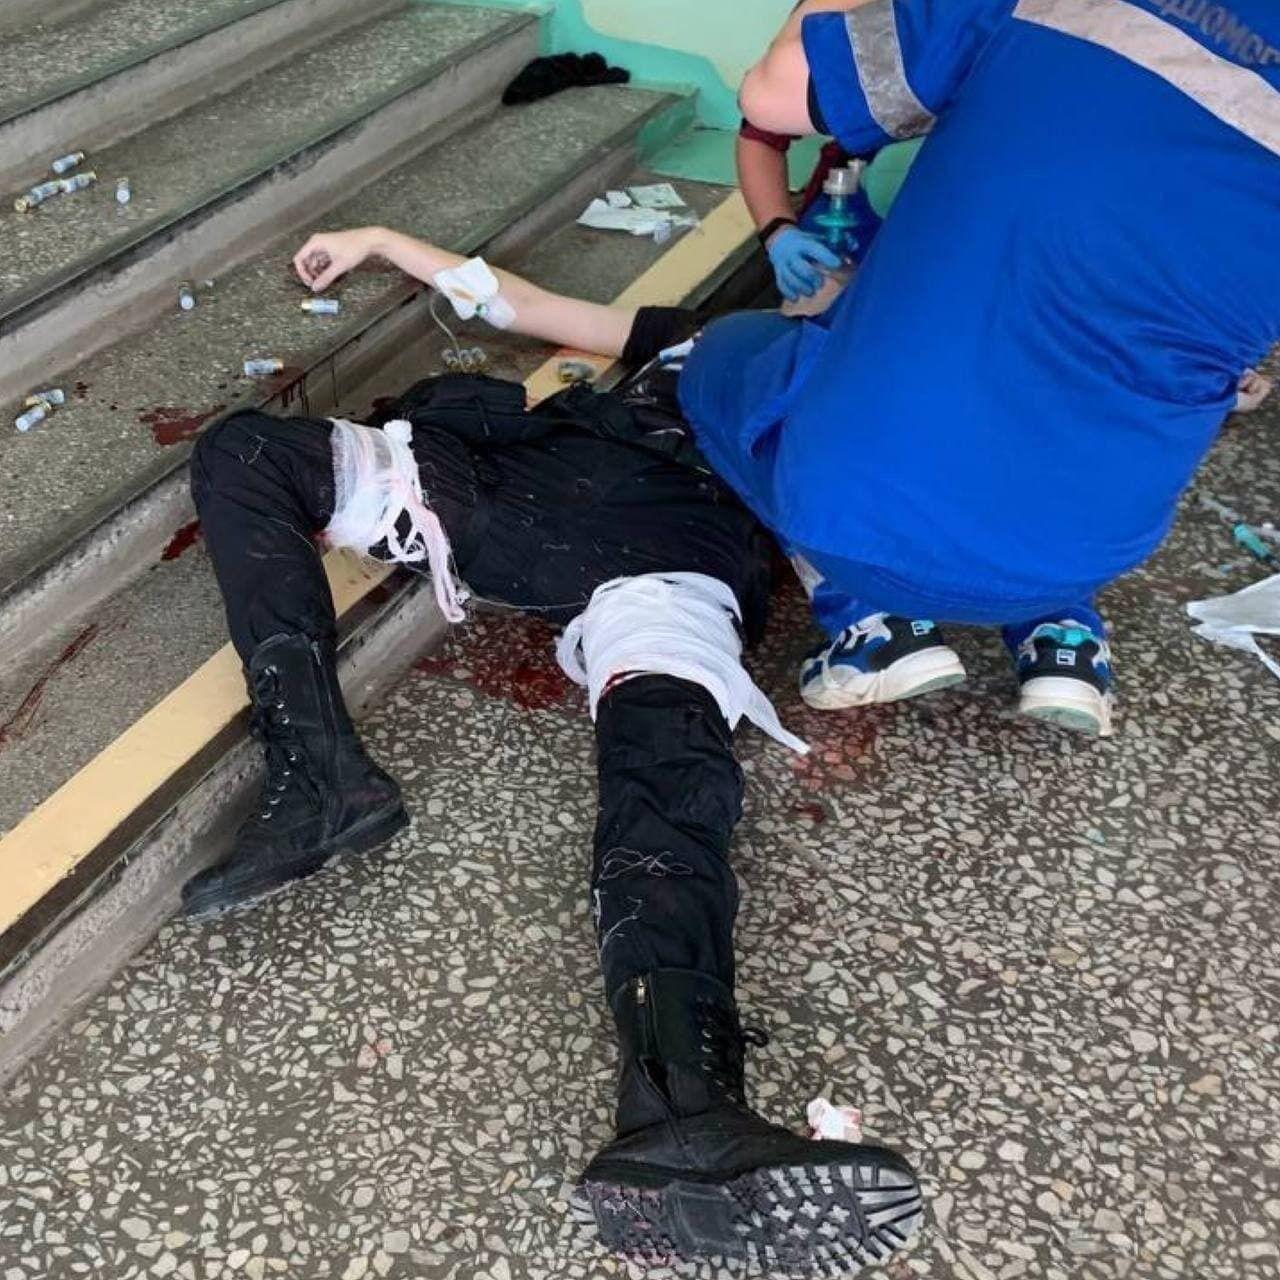 Стрілець знешкоджений і загинув.